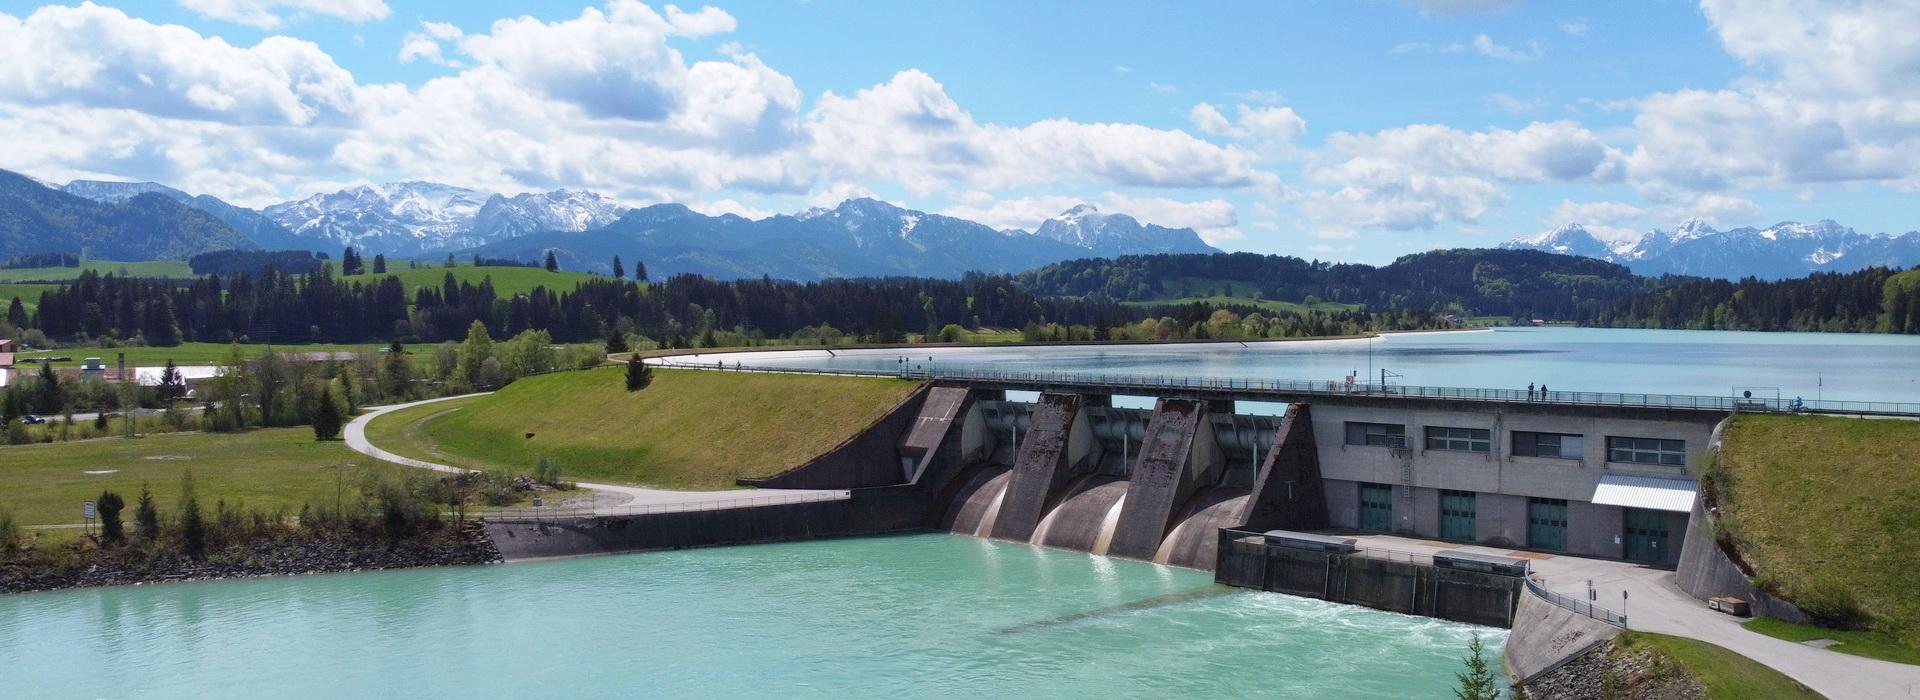 Der Kaltenbrunner See lädt zum Baden ein